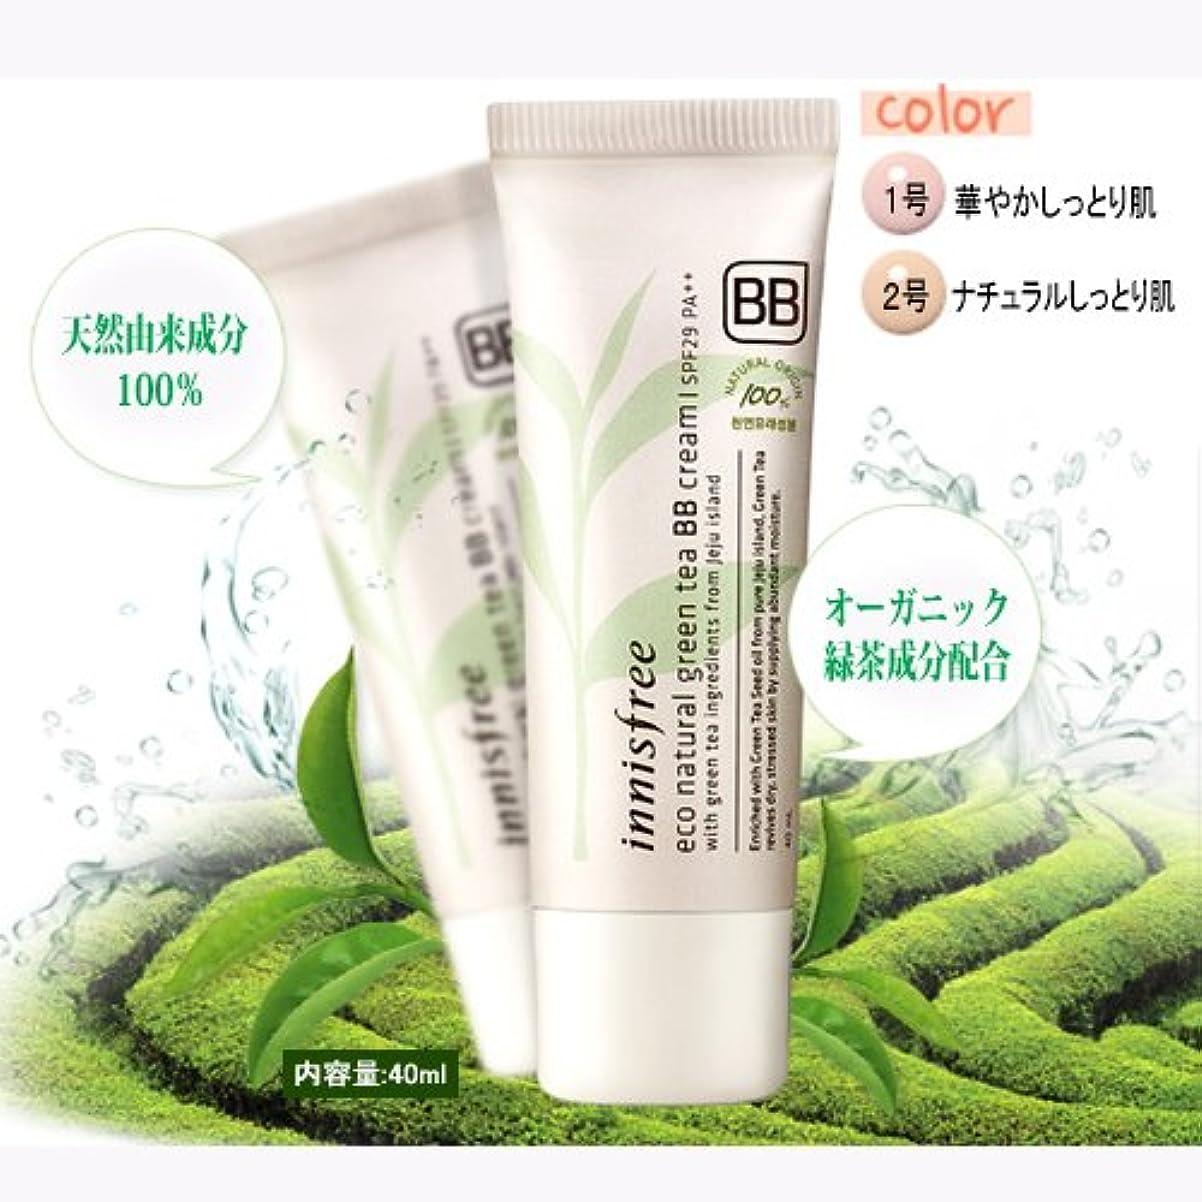 懸念ロデオ可決innisfree/イニスフリー Eco Natural Green Tea BB Cream #02/エコナチュラルグリーンティーBBクリームナチュラルなしっとりお肌 SPF29PA++40ml